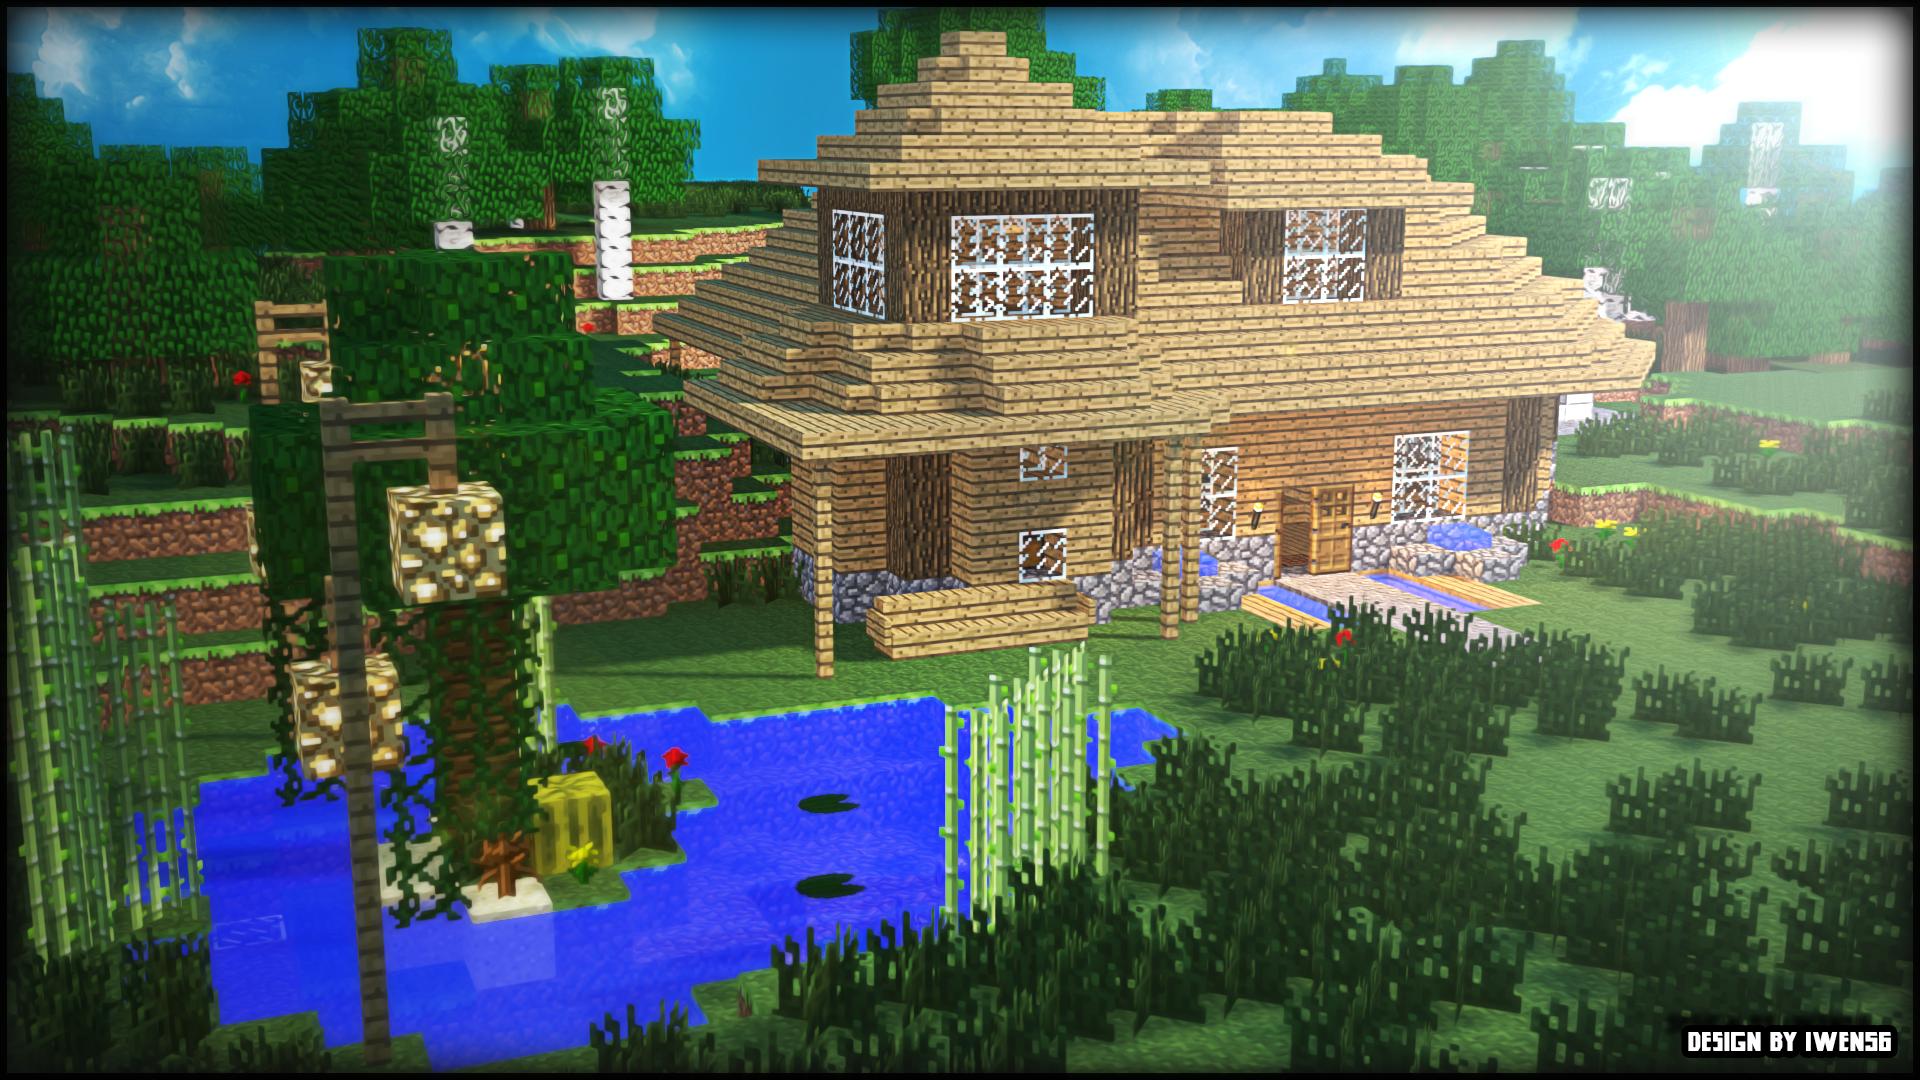 Maison Minecraft By Iwen56 On Deviantart